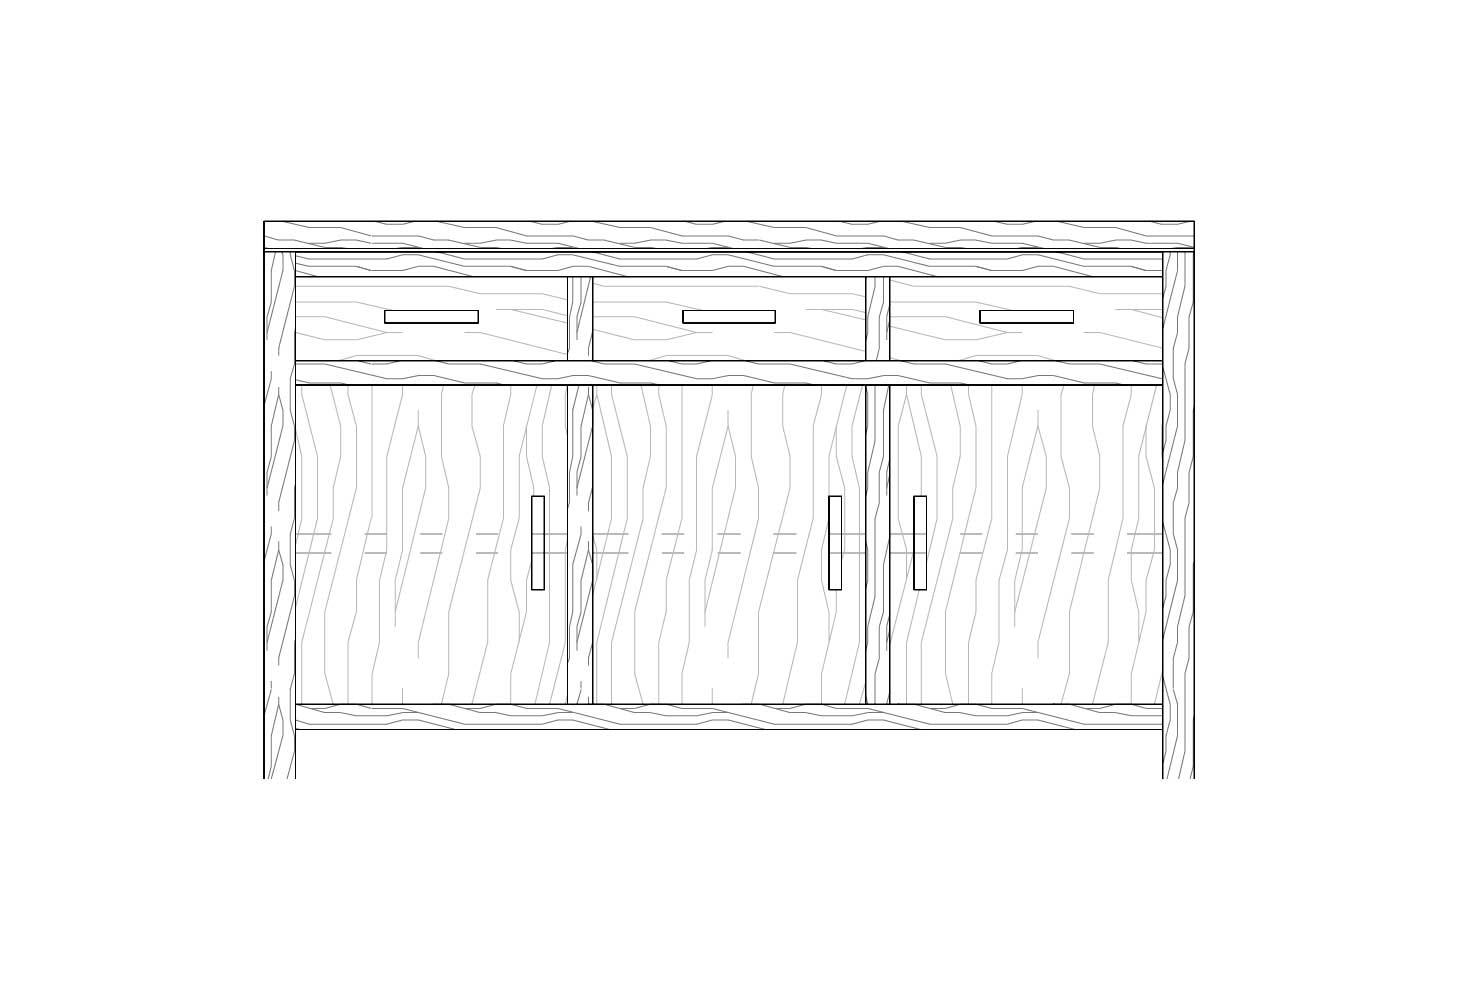 credenzabassa-B150-disegno